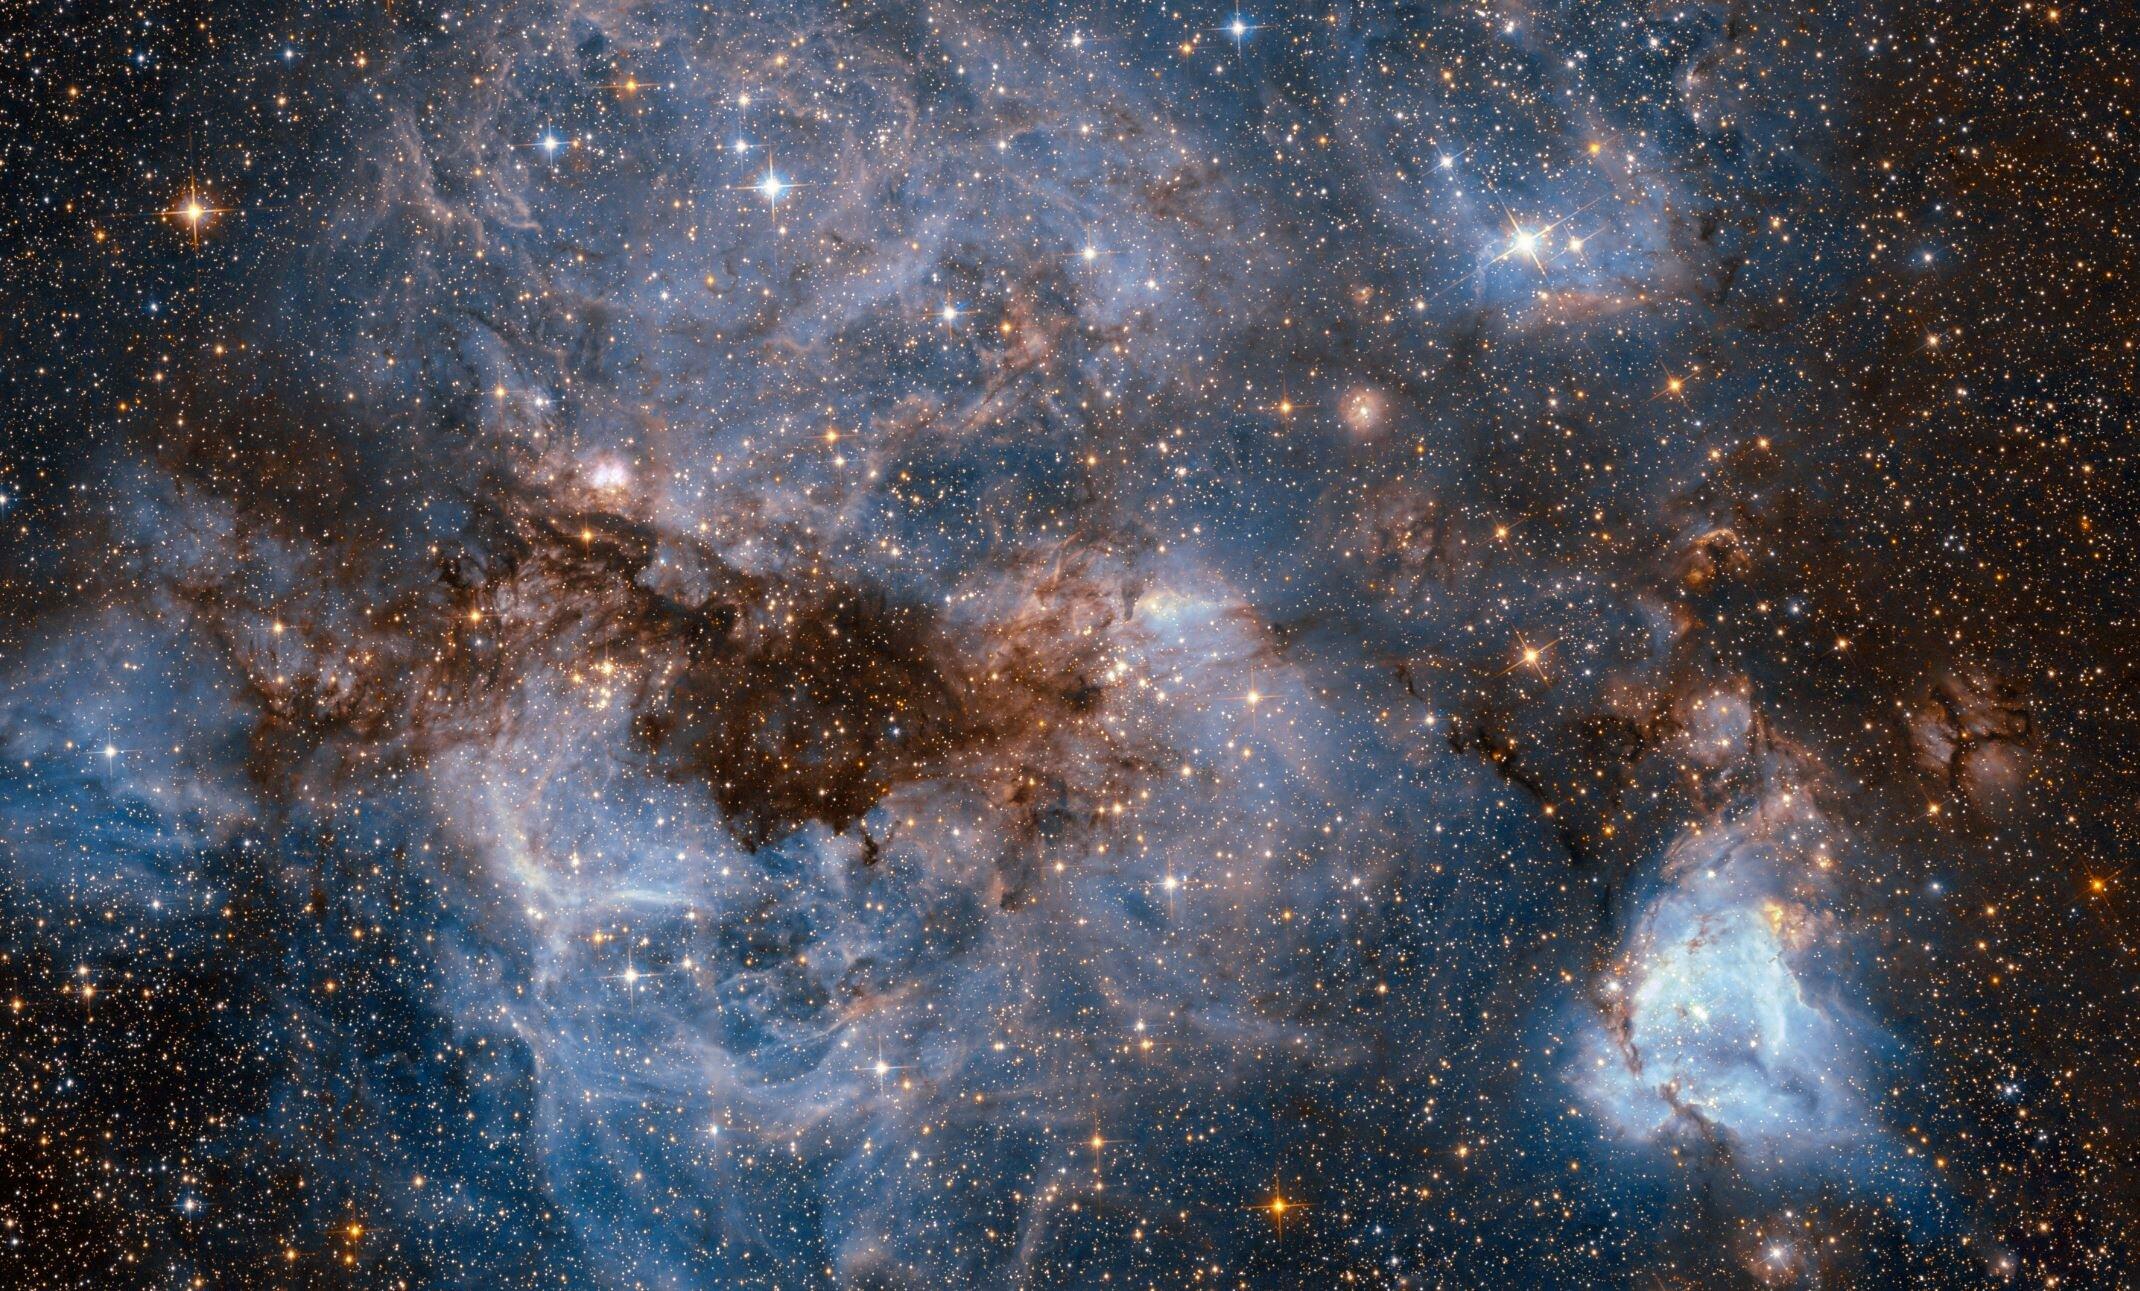 Image credits:  ESA/Hubble & NASA